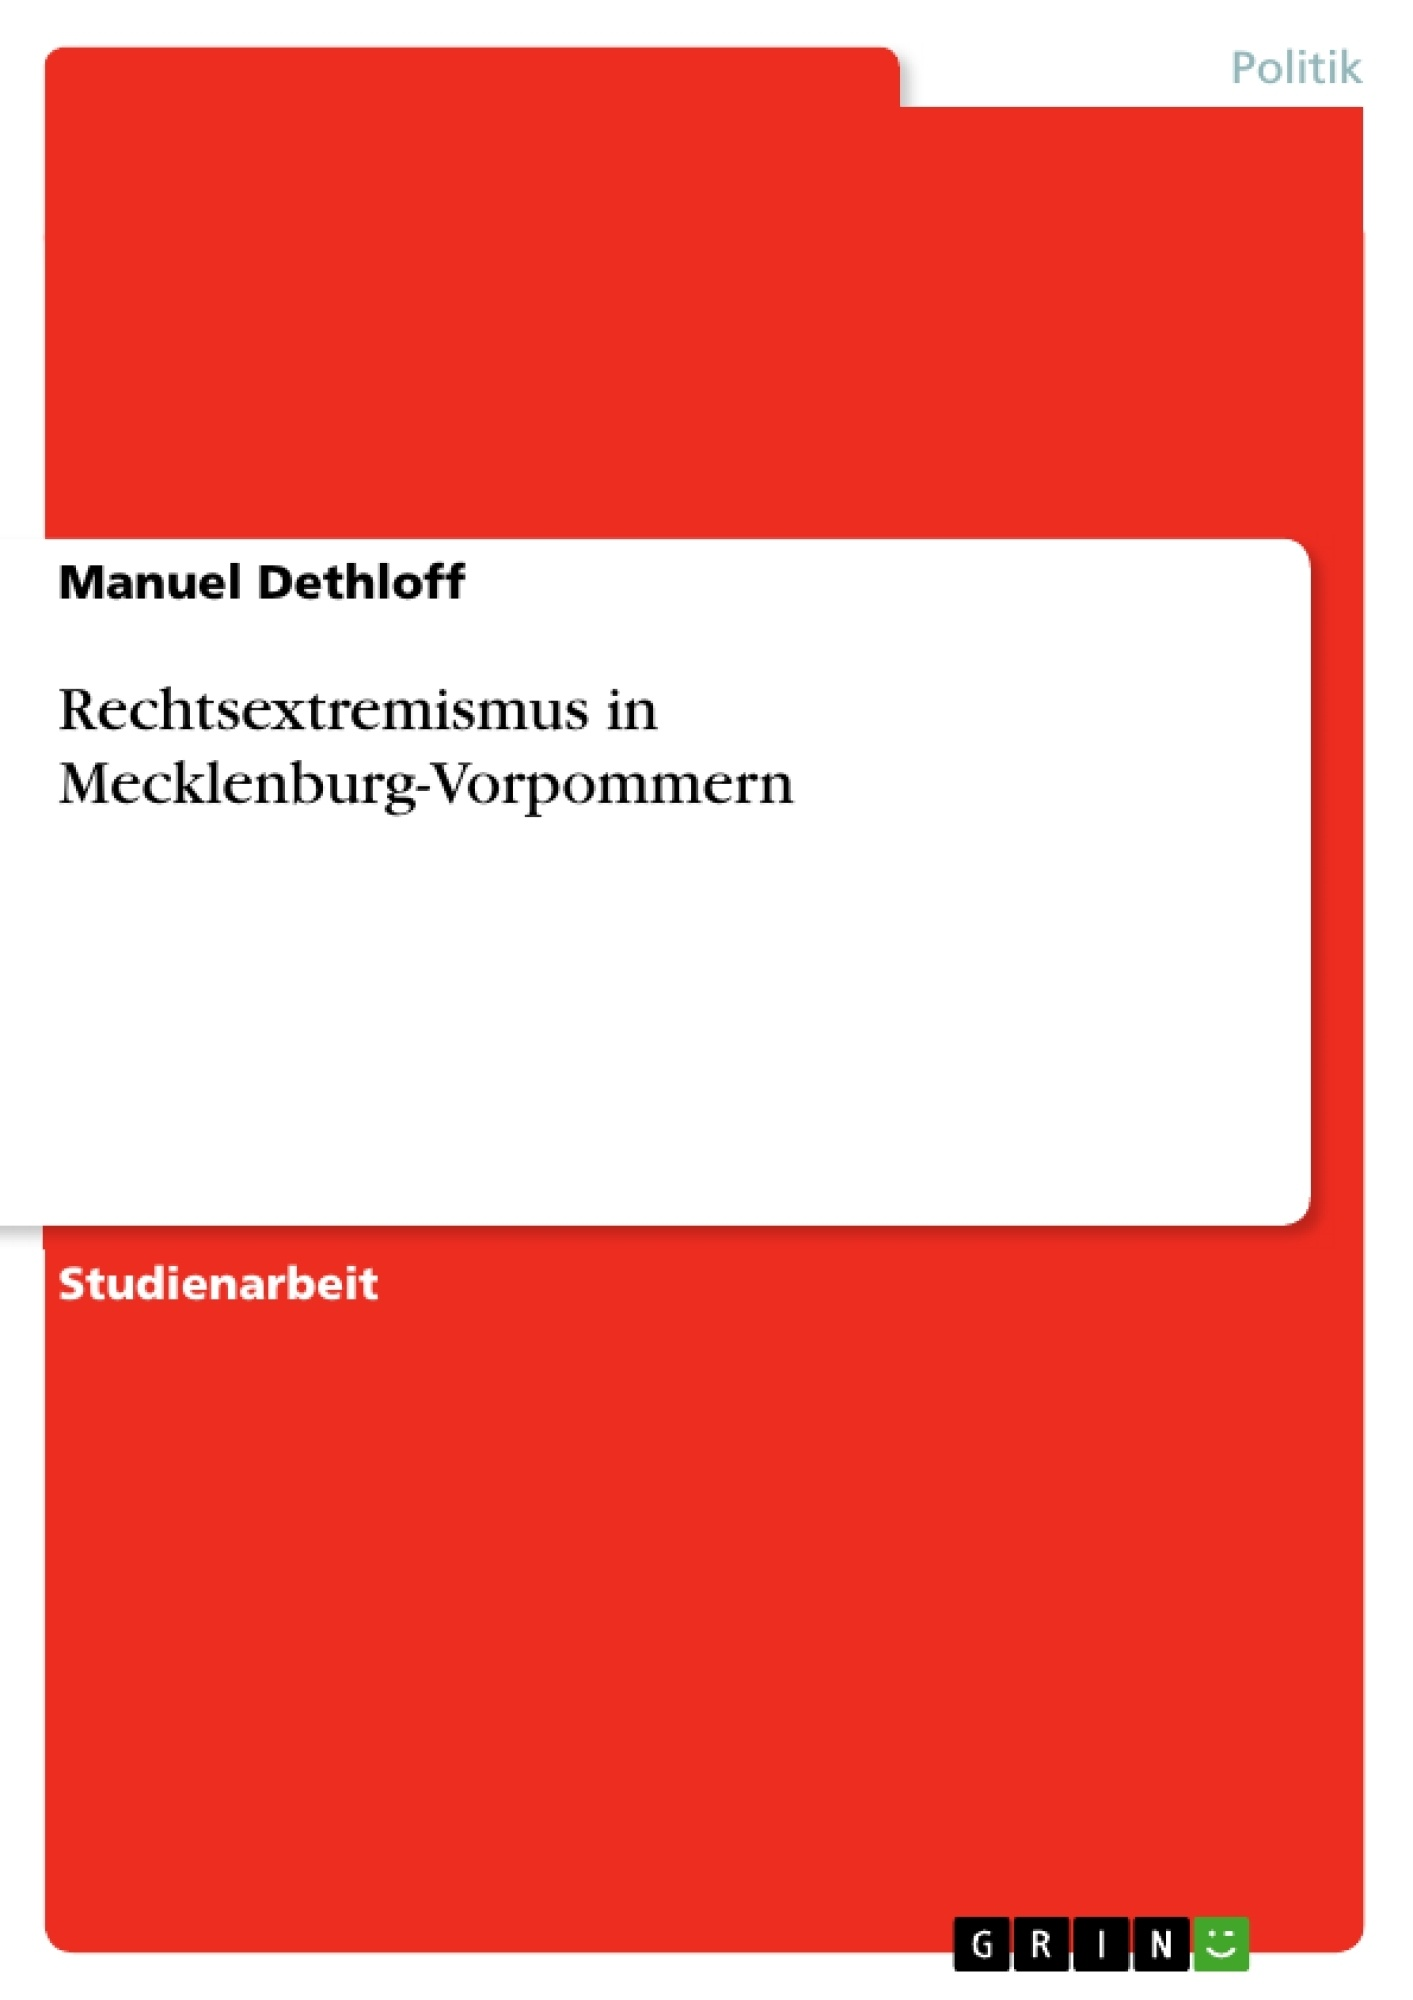 Titel: Rechtsextremismus in Mecklenburg-Vorpommern